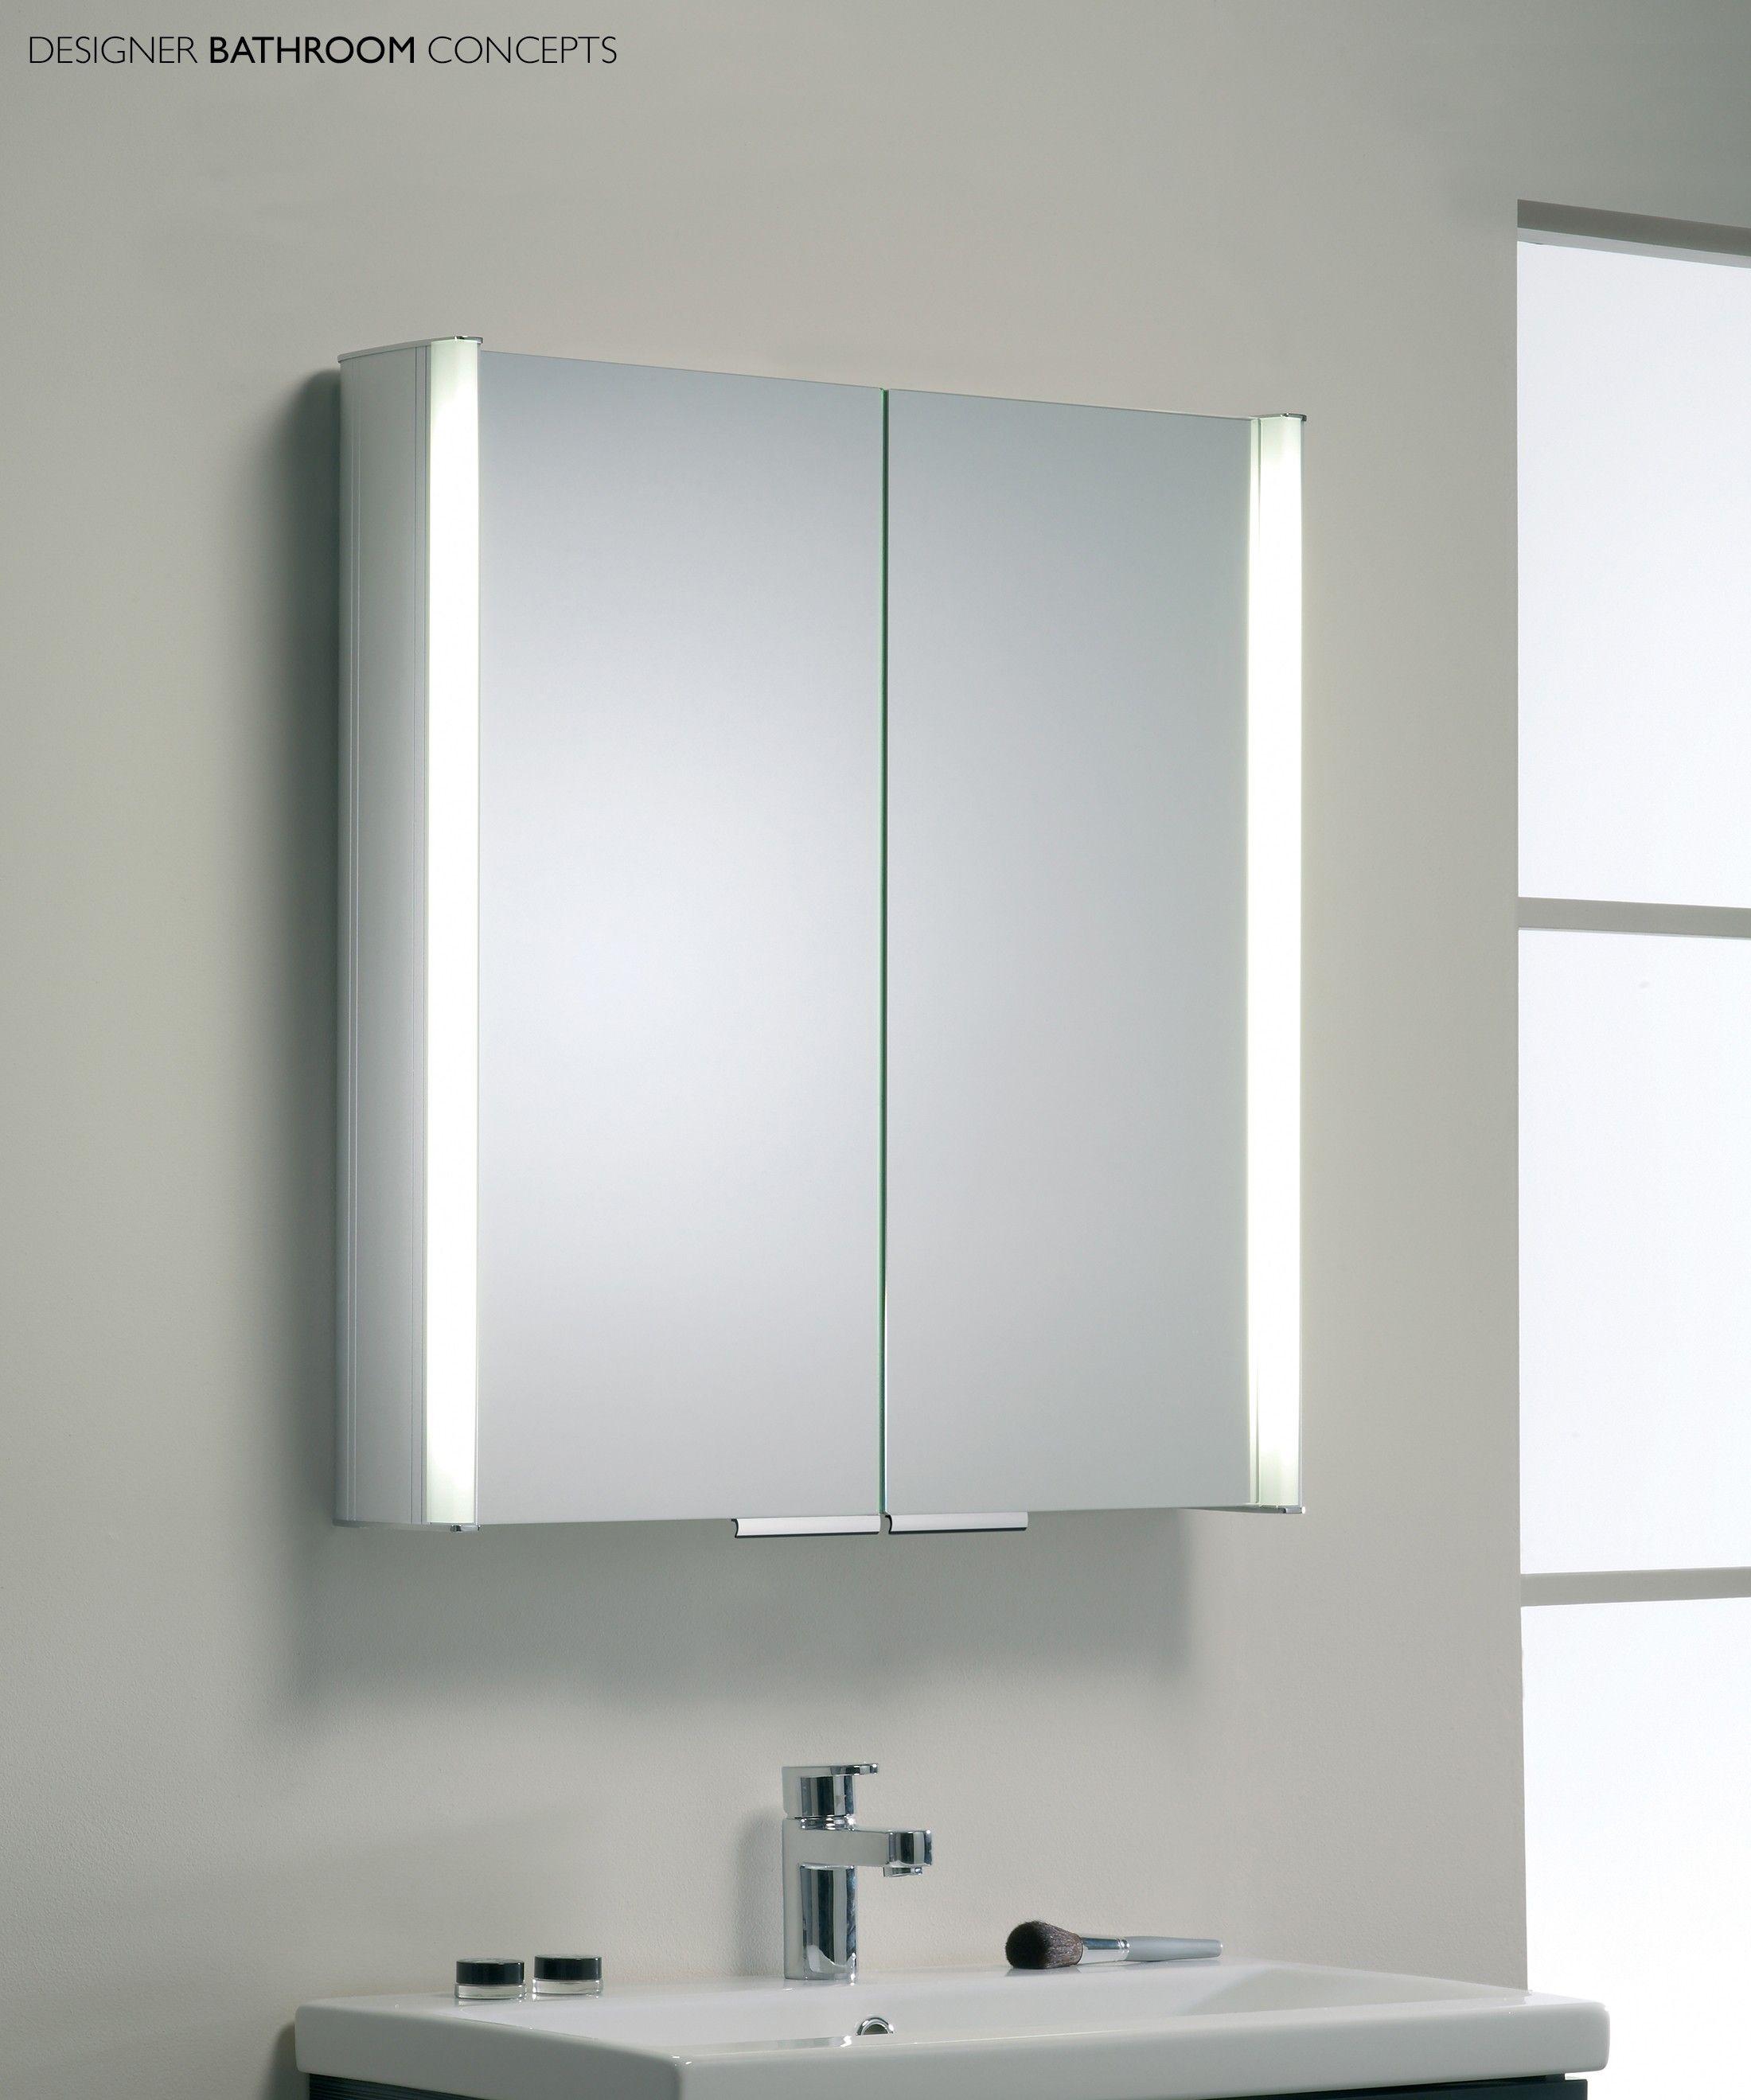 Coolbrilliant Illuminated Bathroom Mirror Cabinet Bathroom